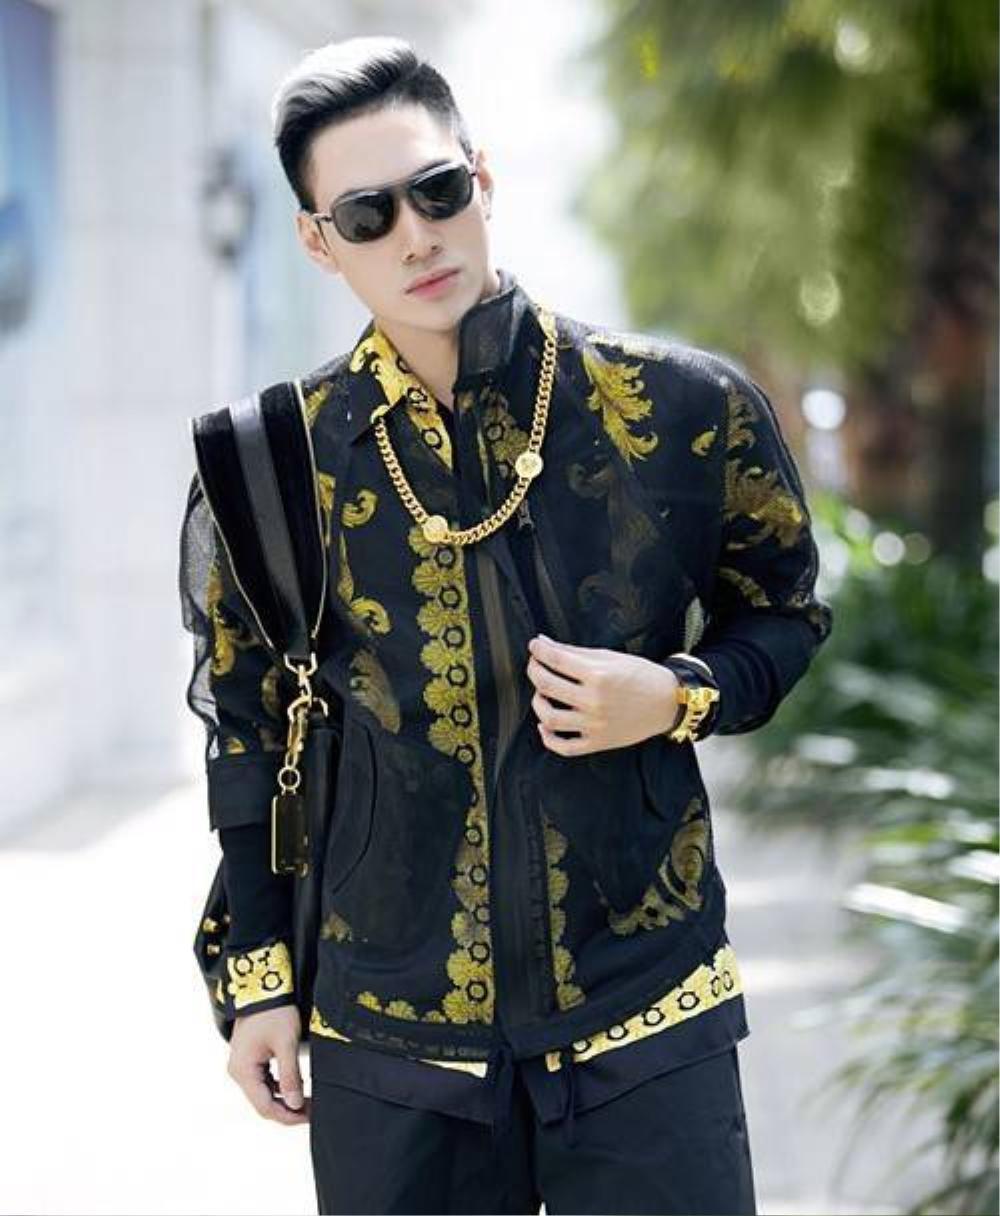 Lý Quý Khánh là người đứng sau nhiều bộ cánh ấn tượng của sao Việt, NTK trẻ tuổi không thể bỏ qua những món phụ kiện trang sức giúp hoàn thiện vẻ ngoài.